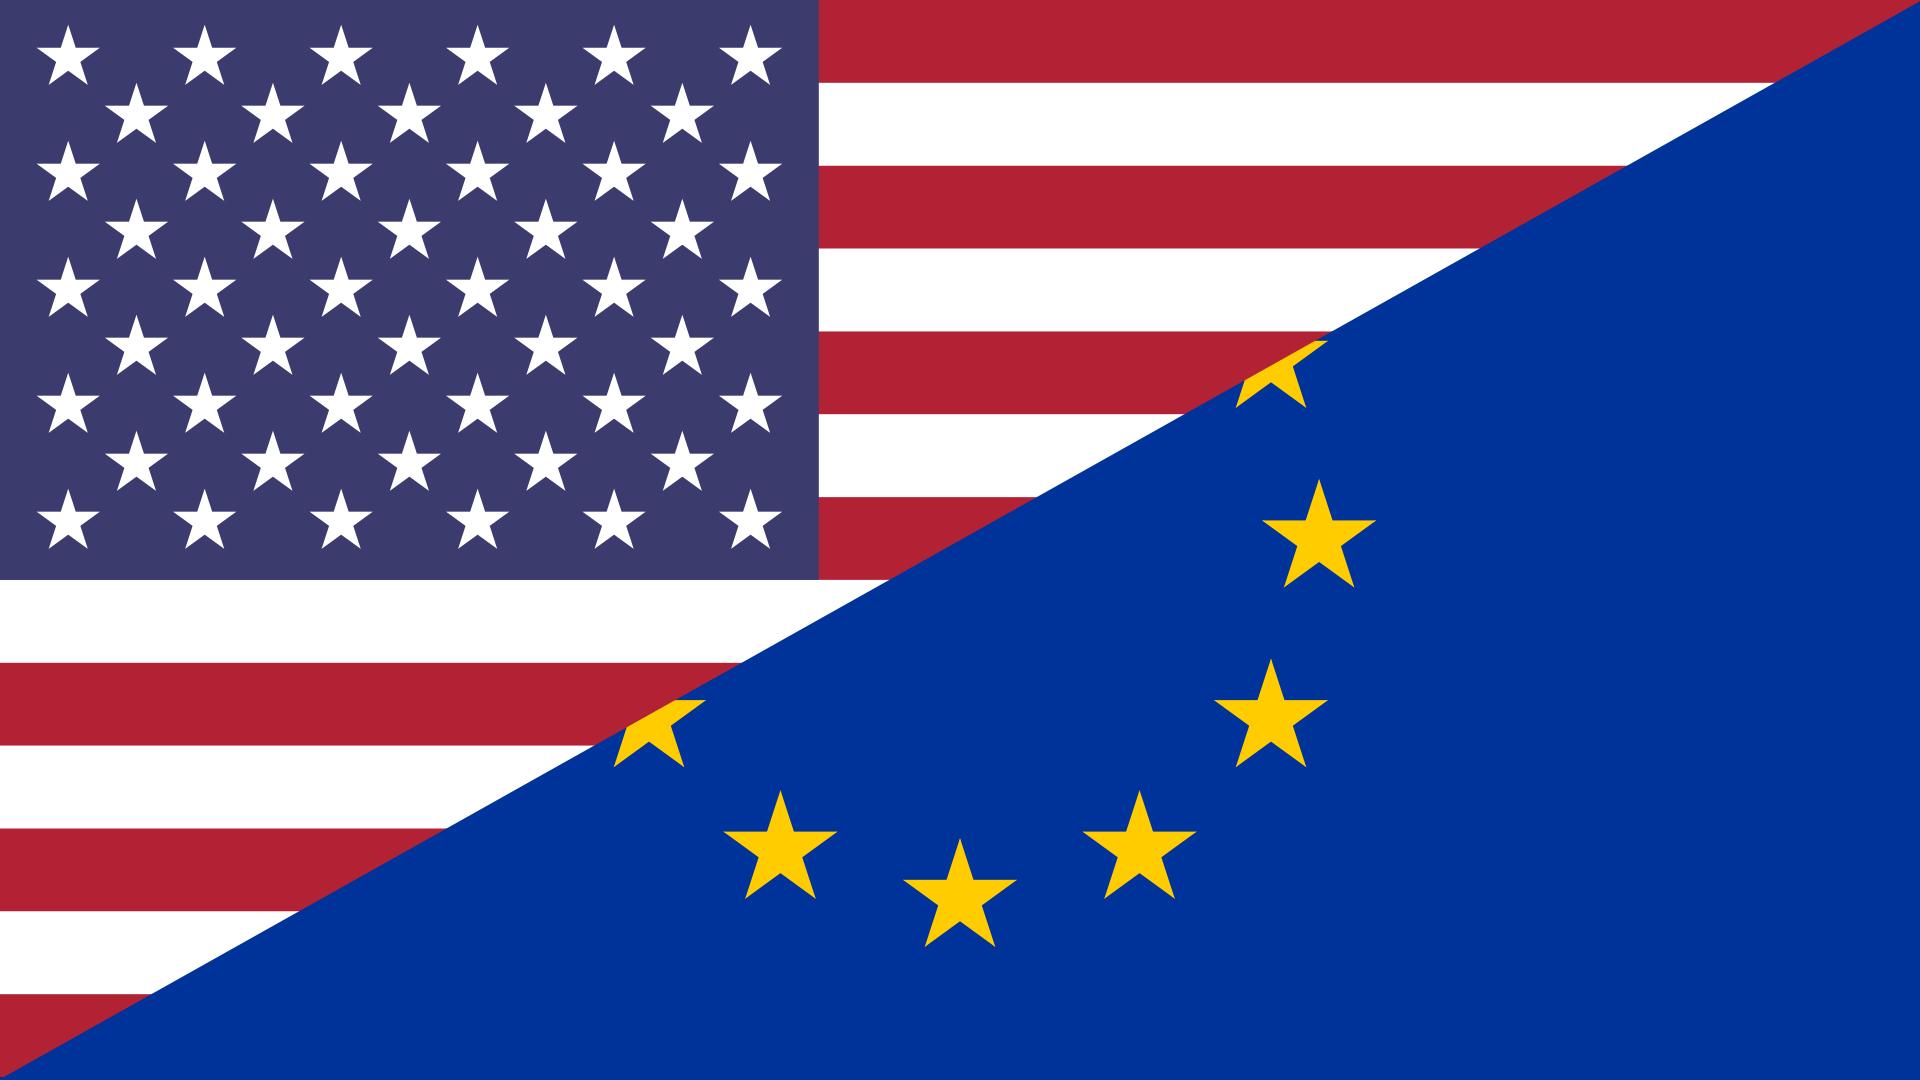 Mer enn 1000 amerikanske nettsteder sperrer europeiske brukere ute på grunn av GDPR